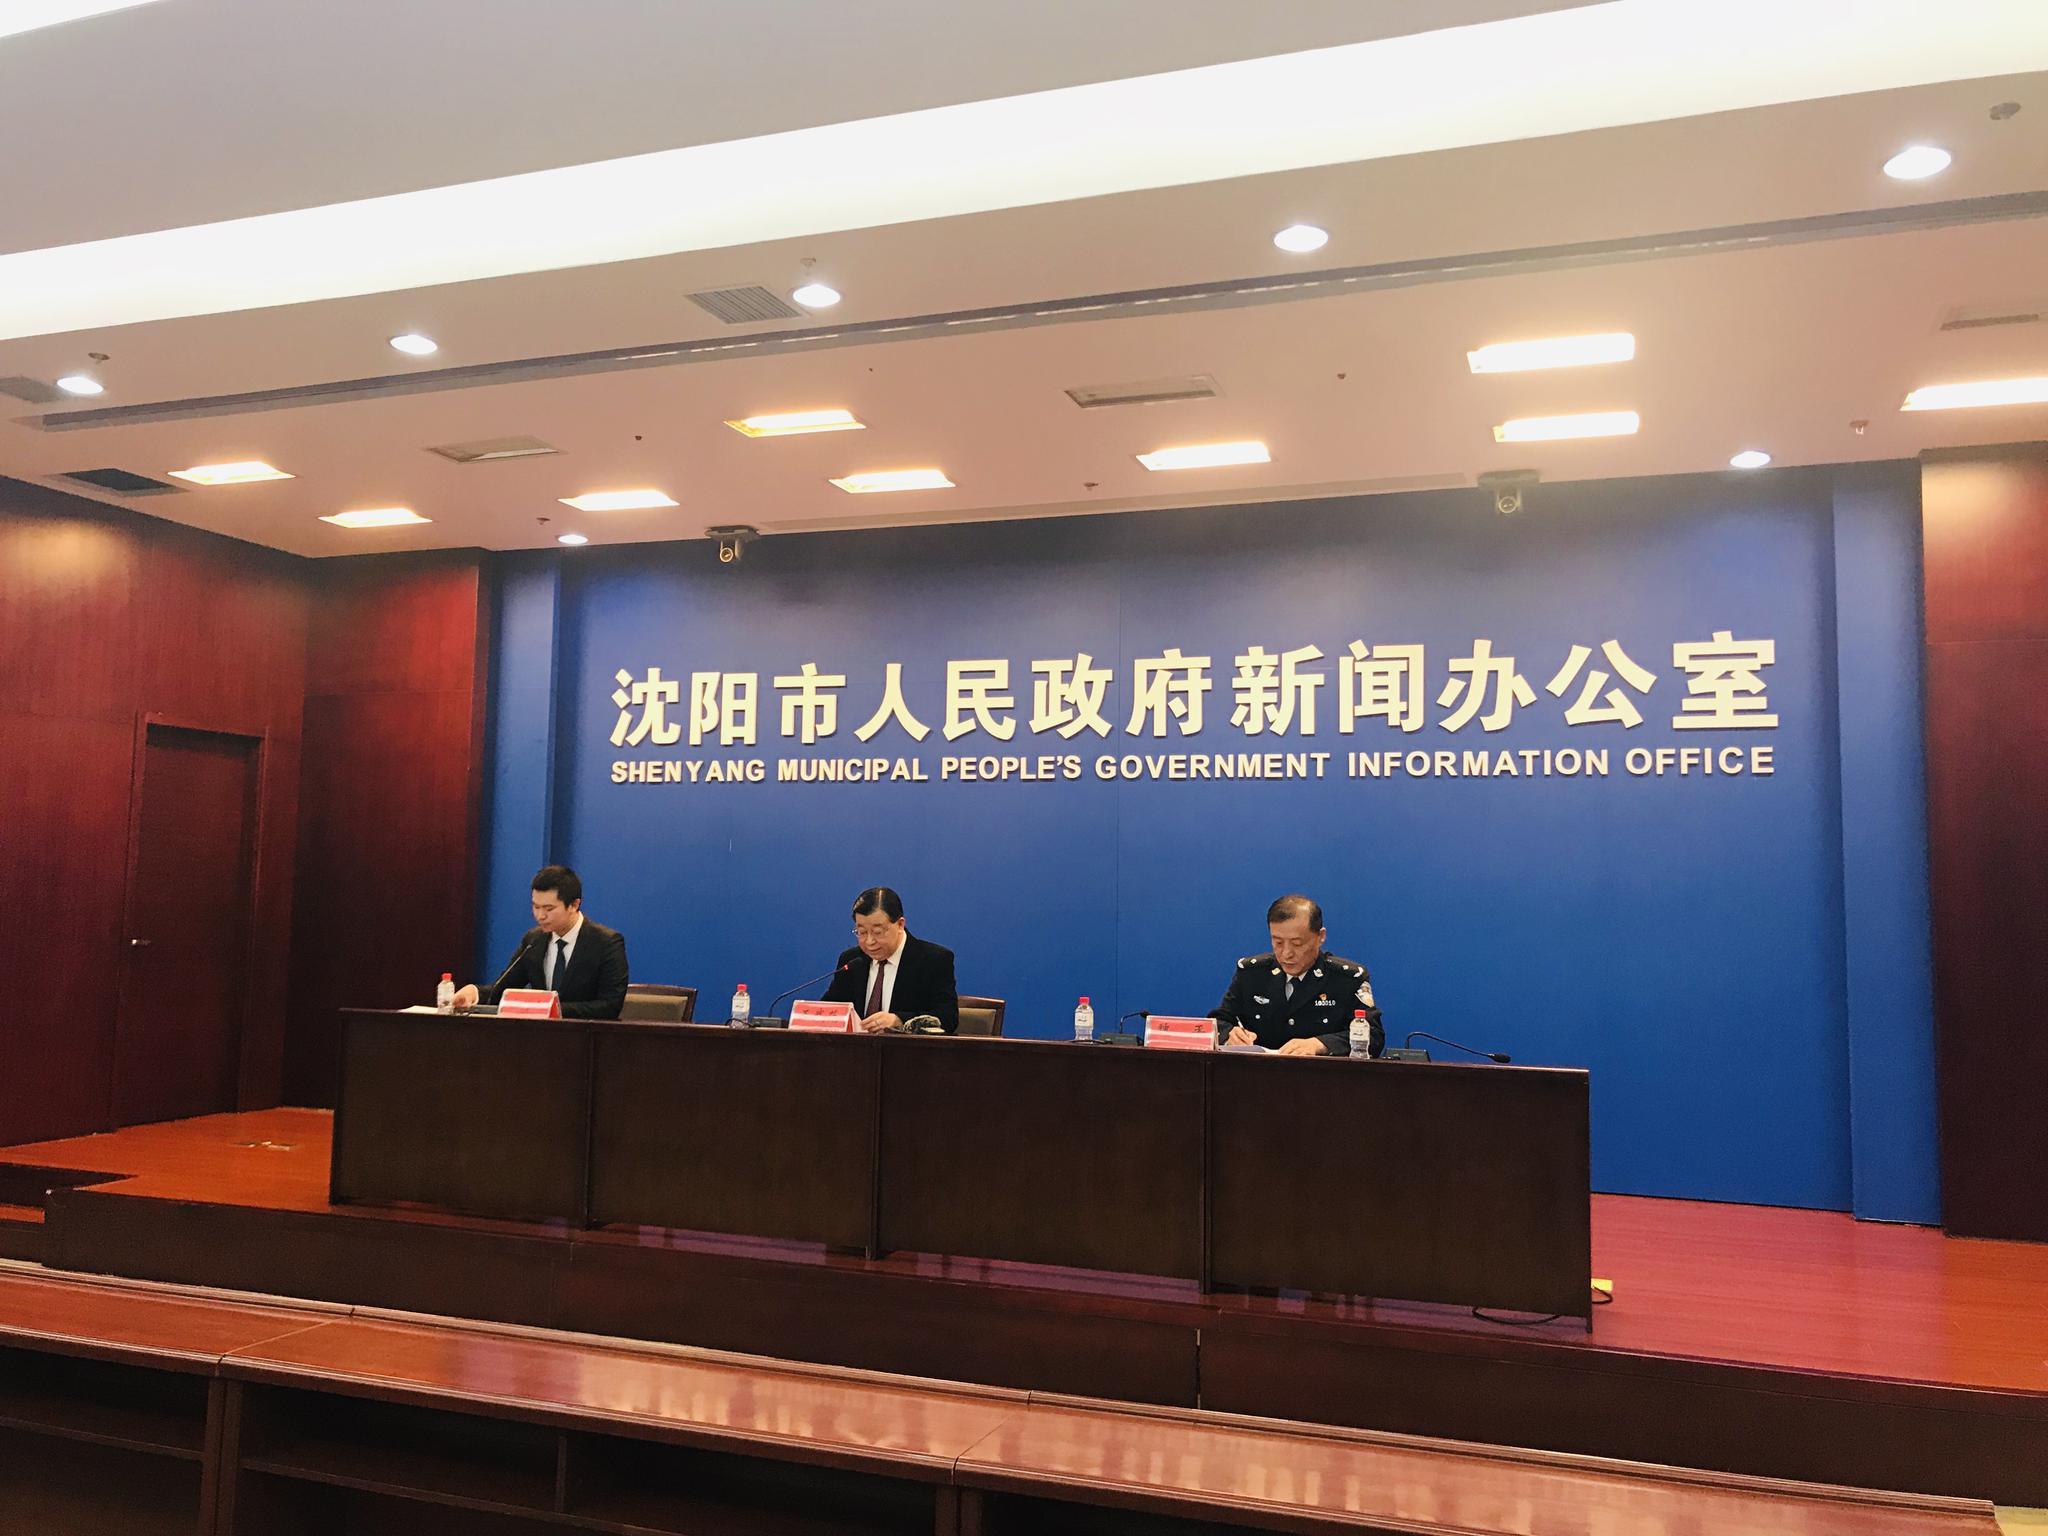 《沈阳市道路车辆管理办法》将于2019年3月1日起施行